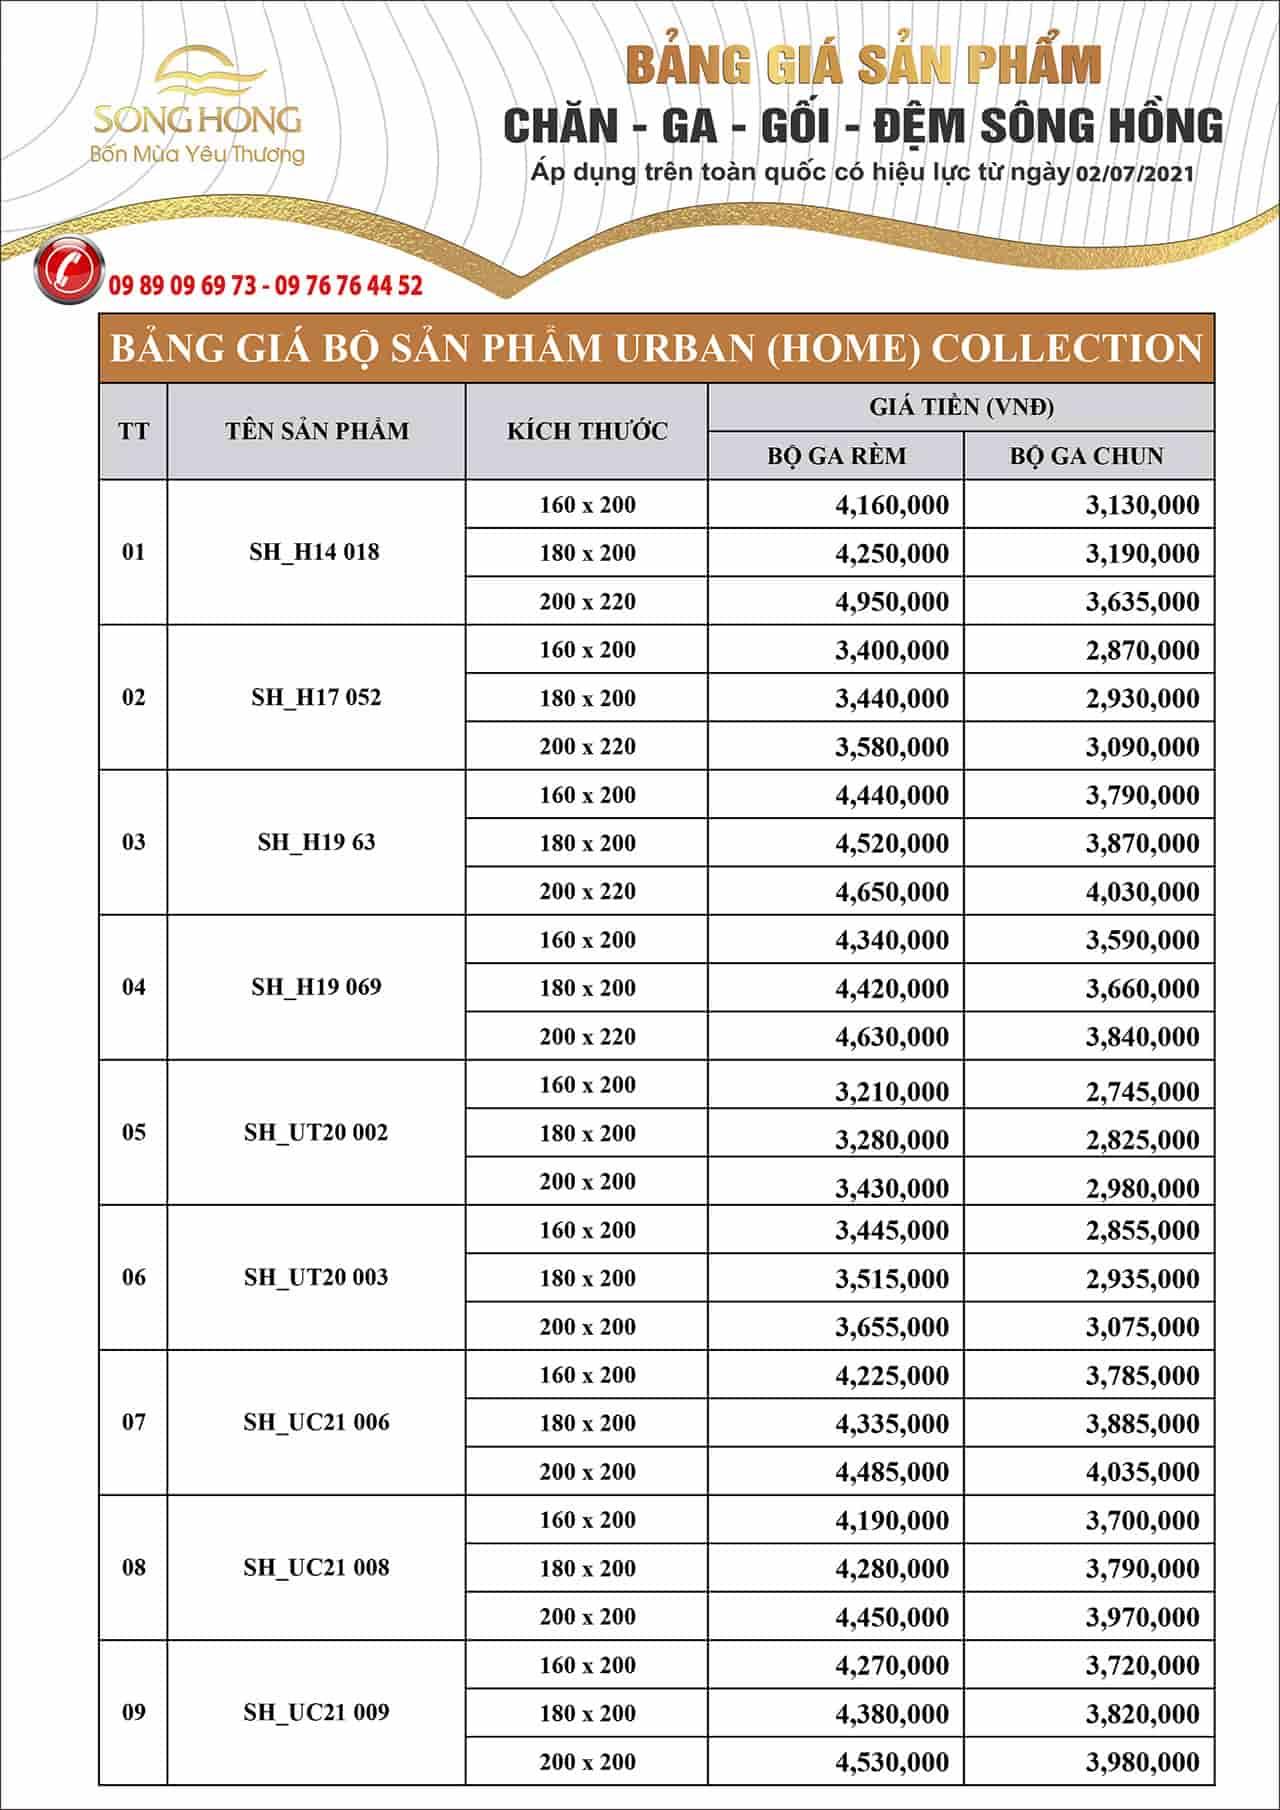 Bảng giá bộ chăn ga gối Sông Hồng Urban (home) collection 2021 - Phần 1